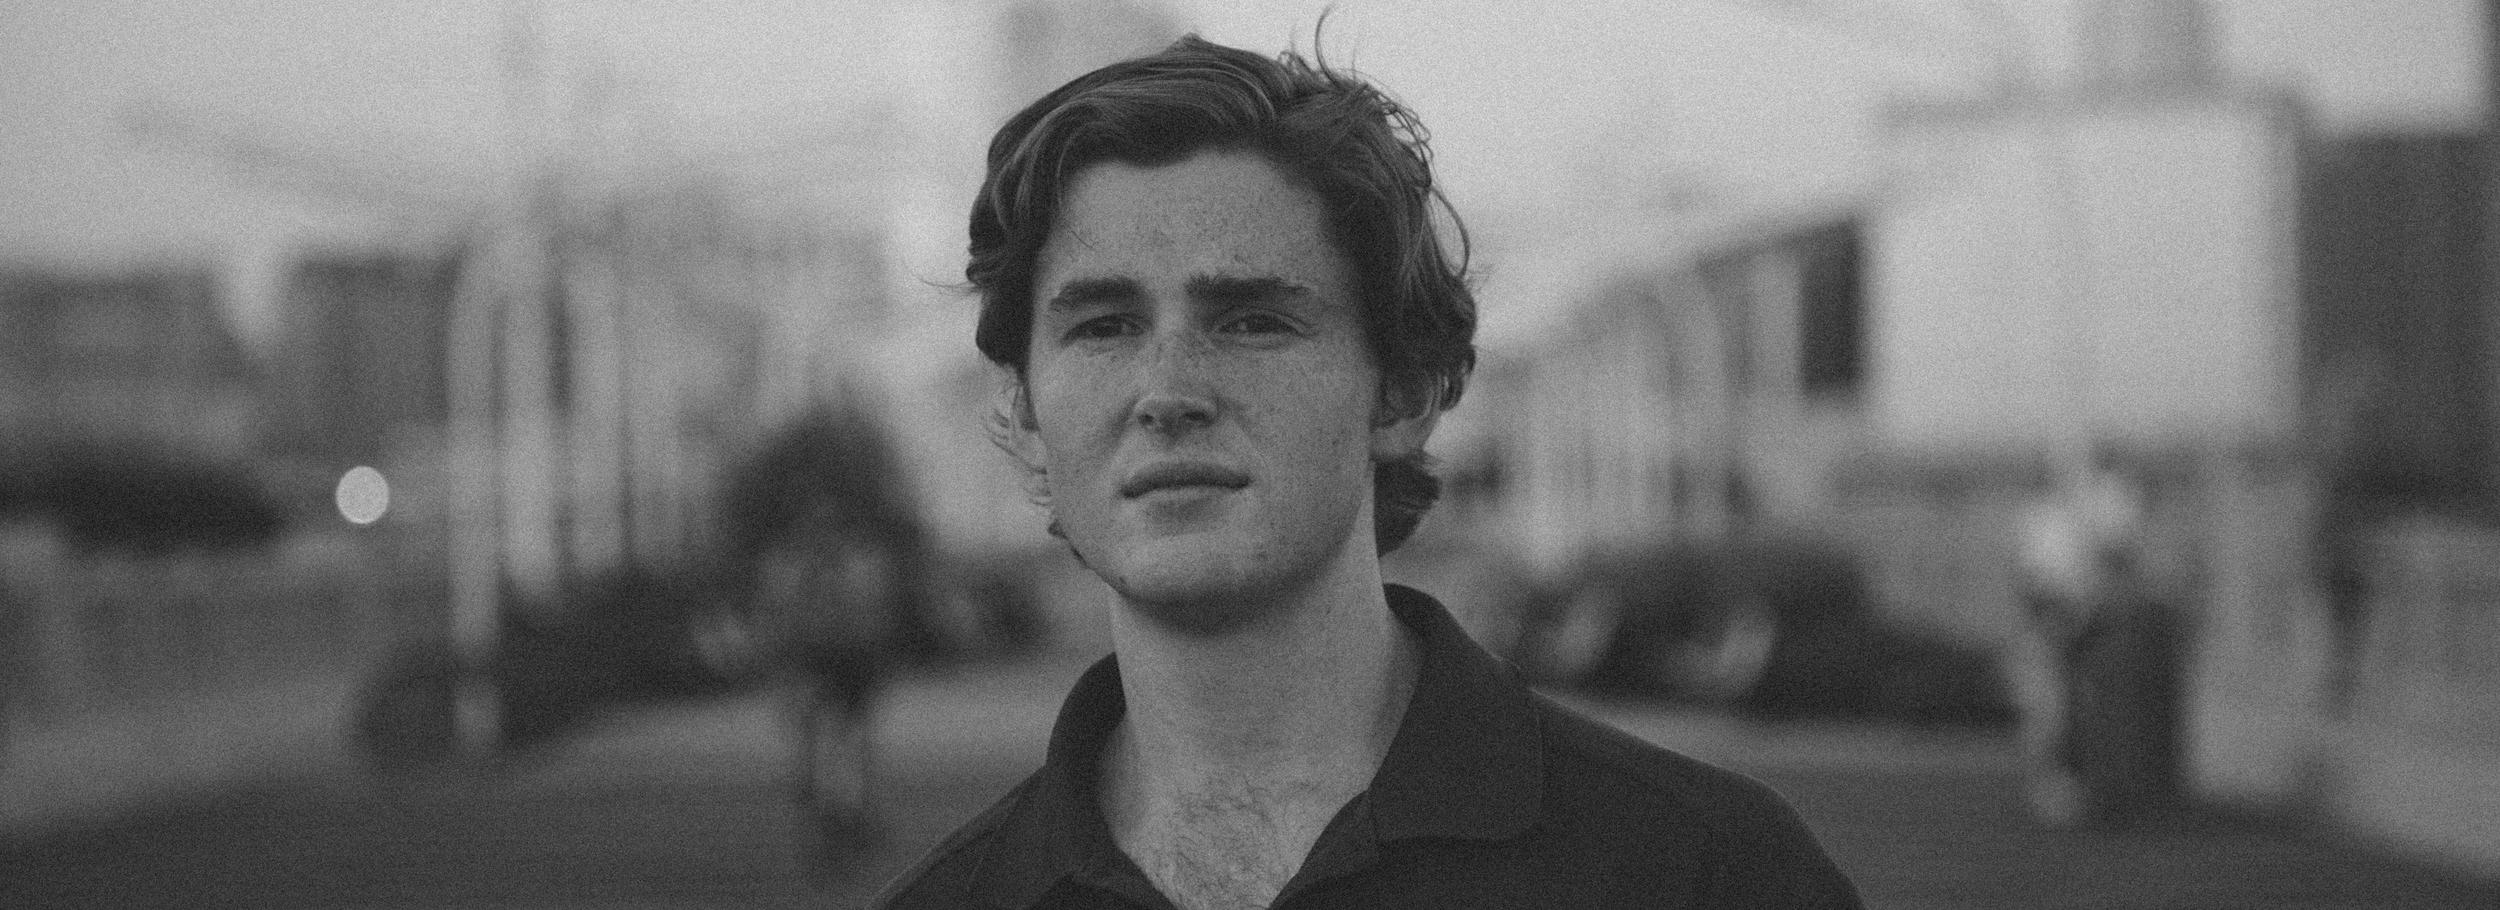 WILLIAM O'CONNOR (SOFTWARE DEV, SOCIAL MEDIA)